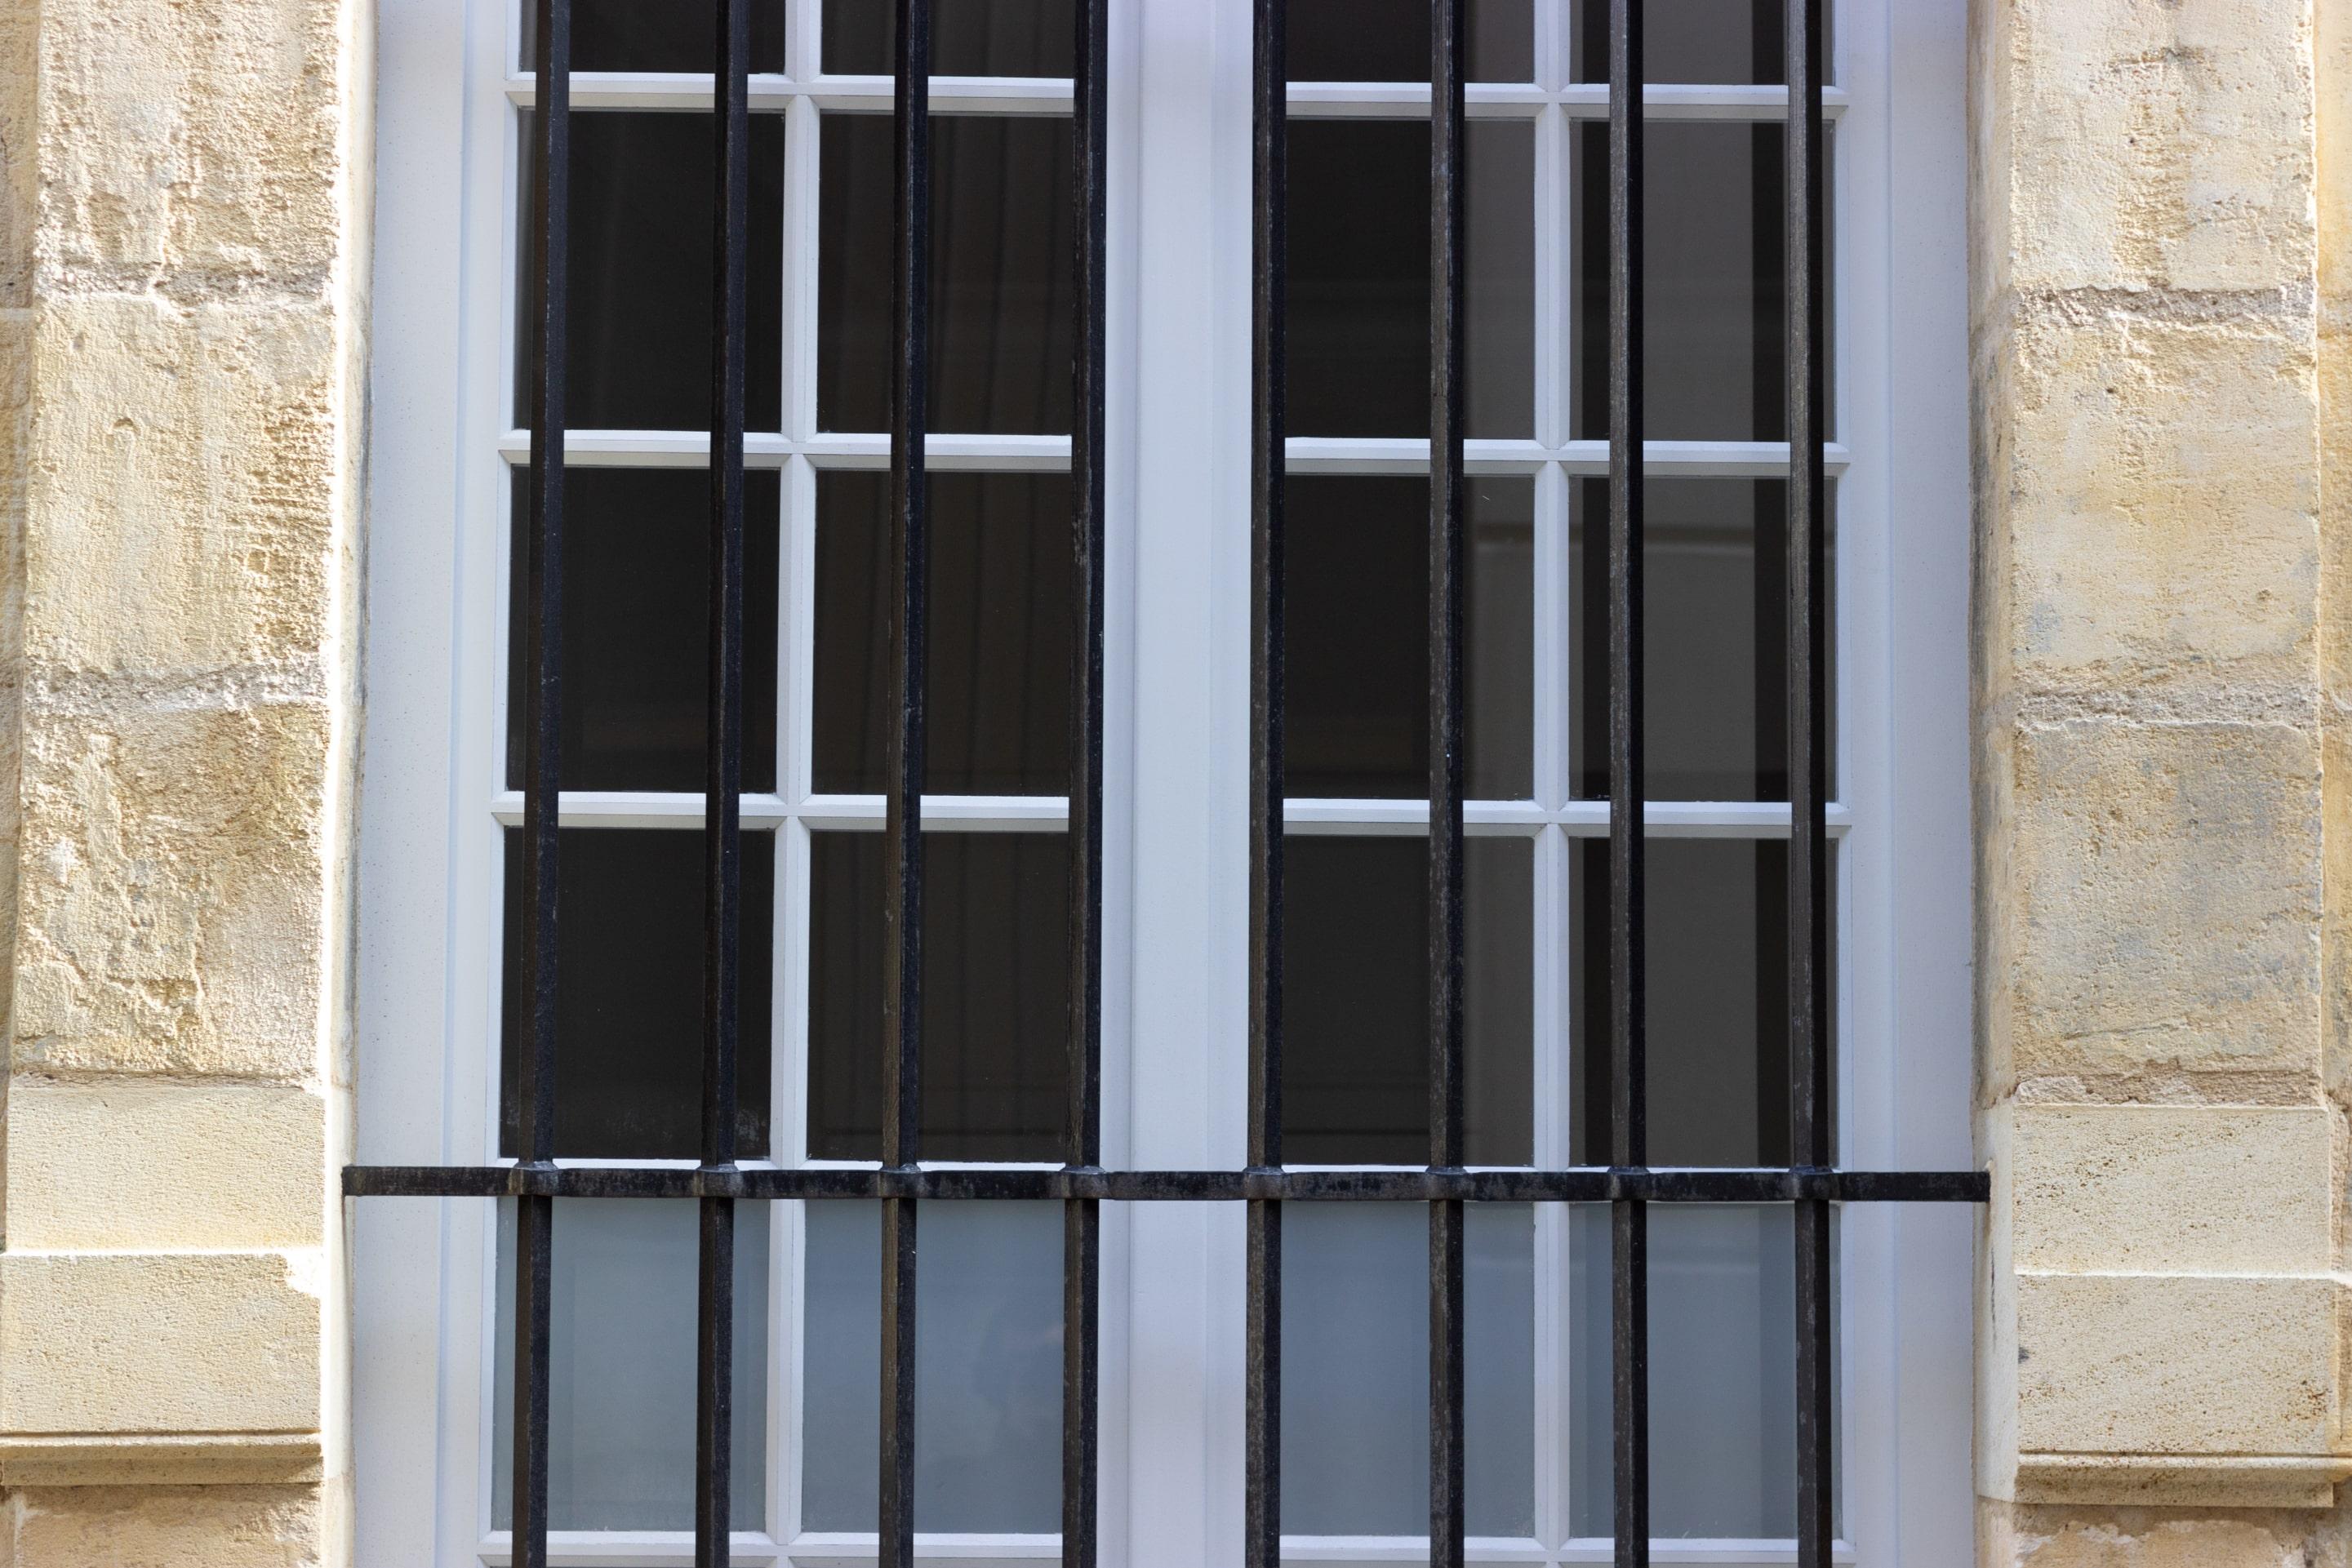 Espacement Entre Barreaux Garde Corps utilité et prix d'un barreau pour fenêtre